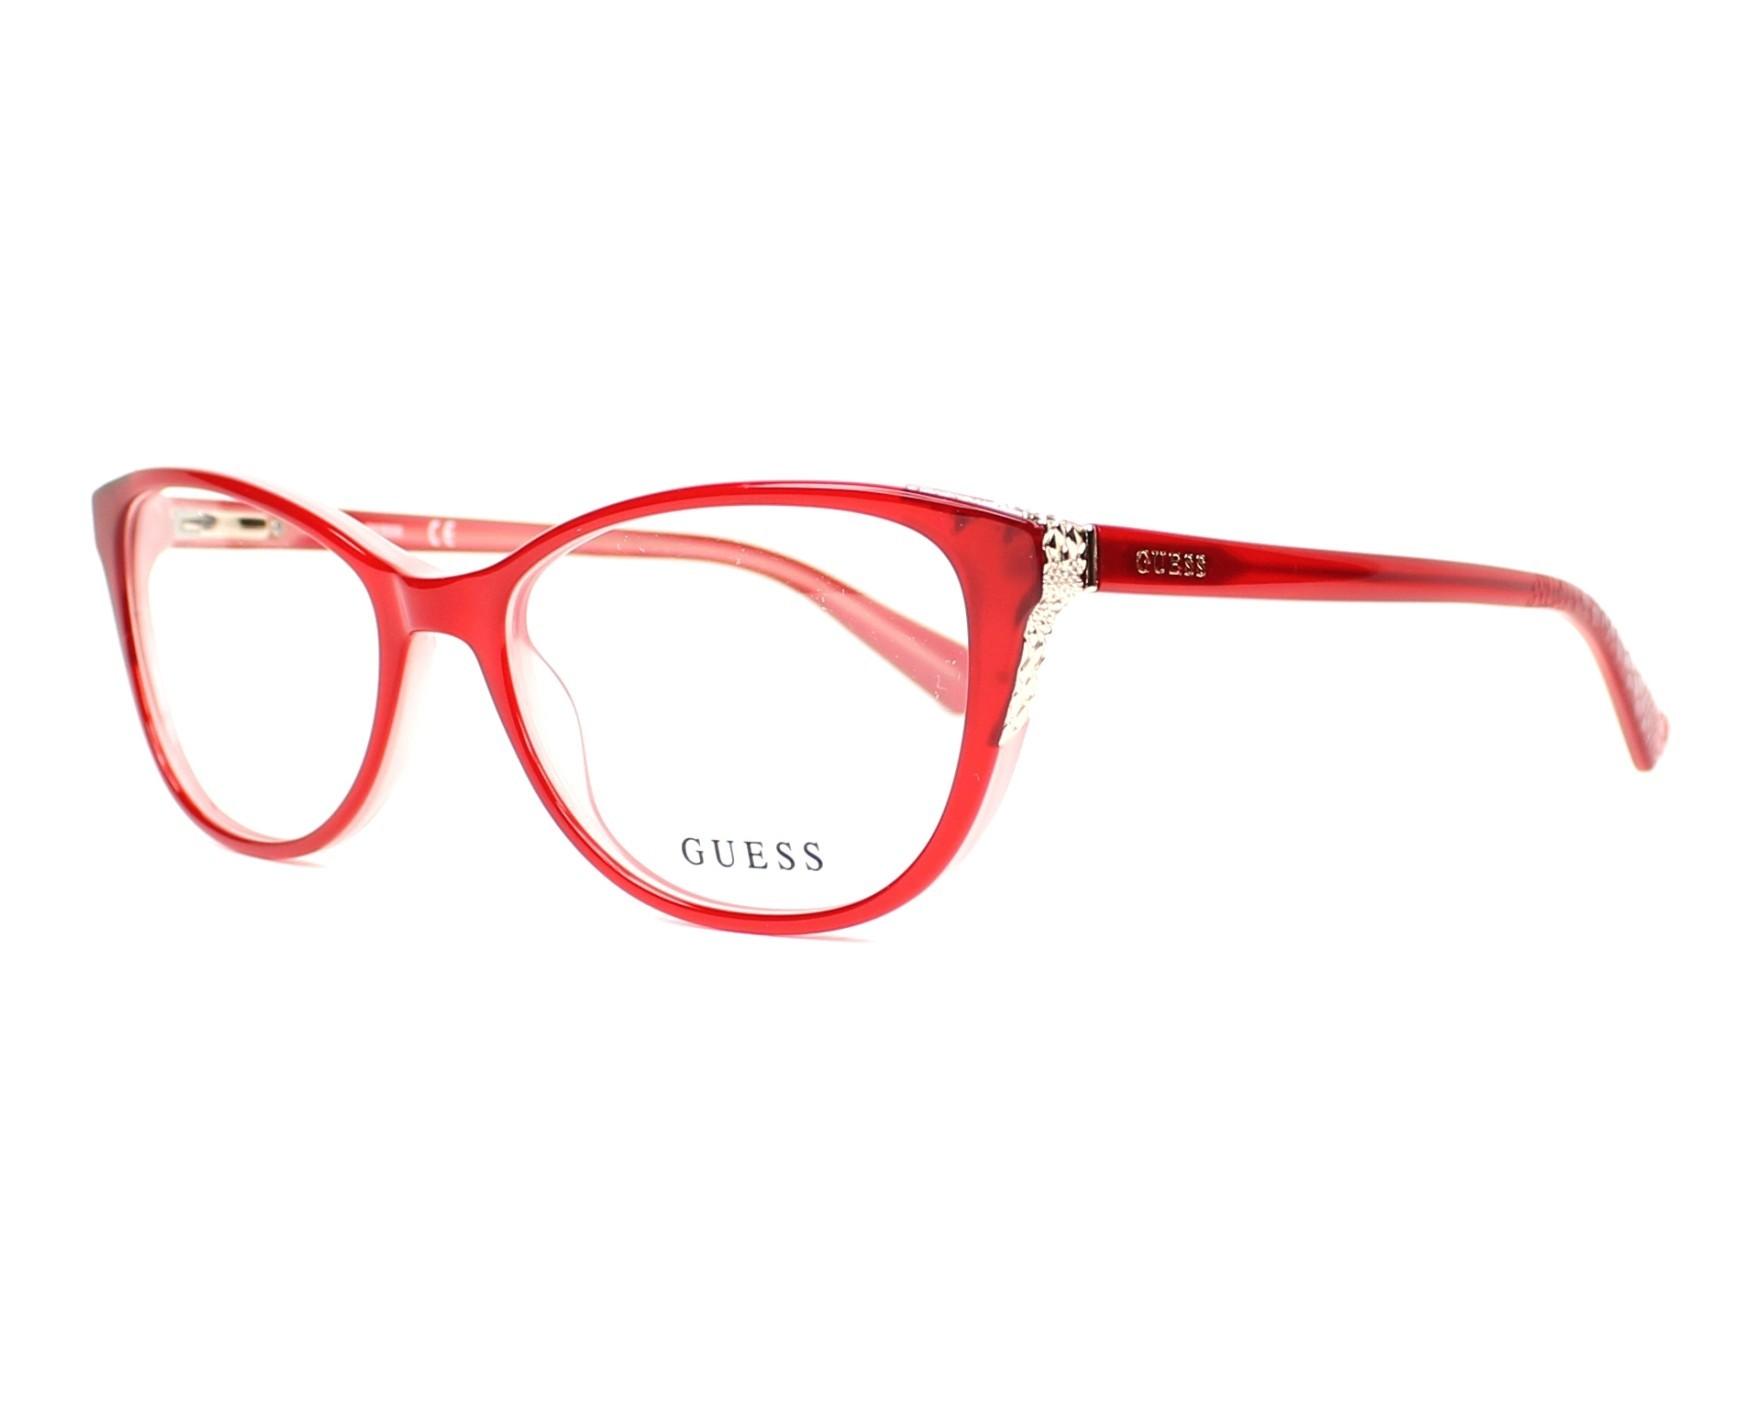 d008f0c292fa0 monture lunette femme rouge